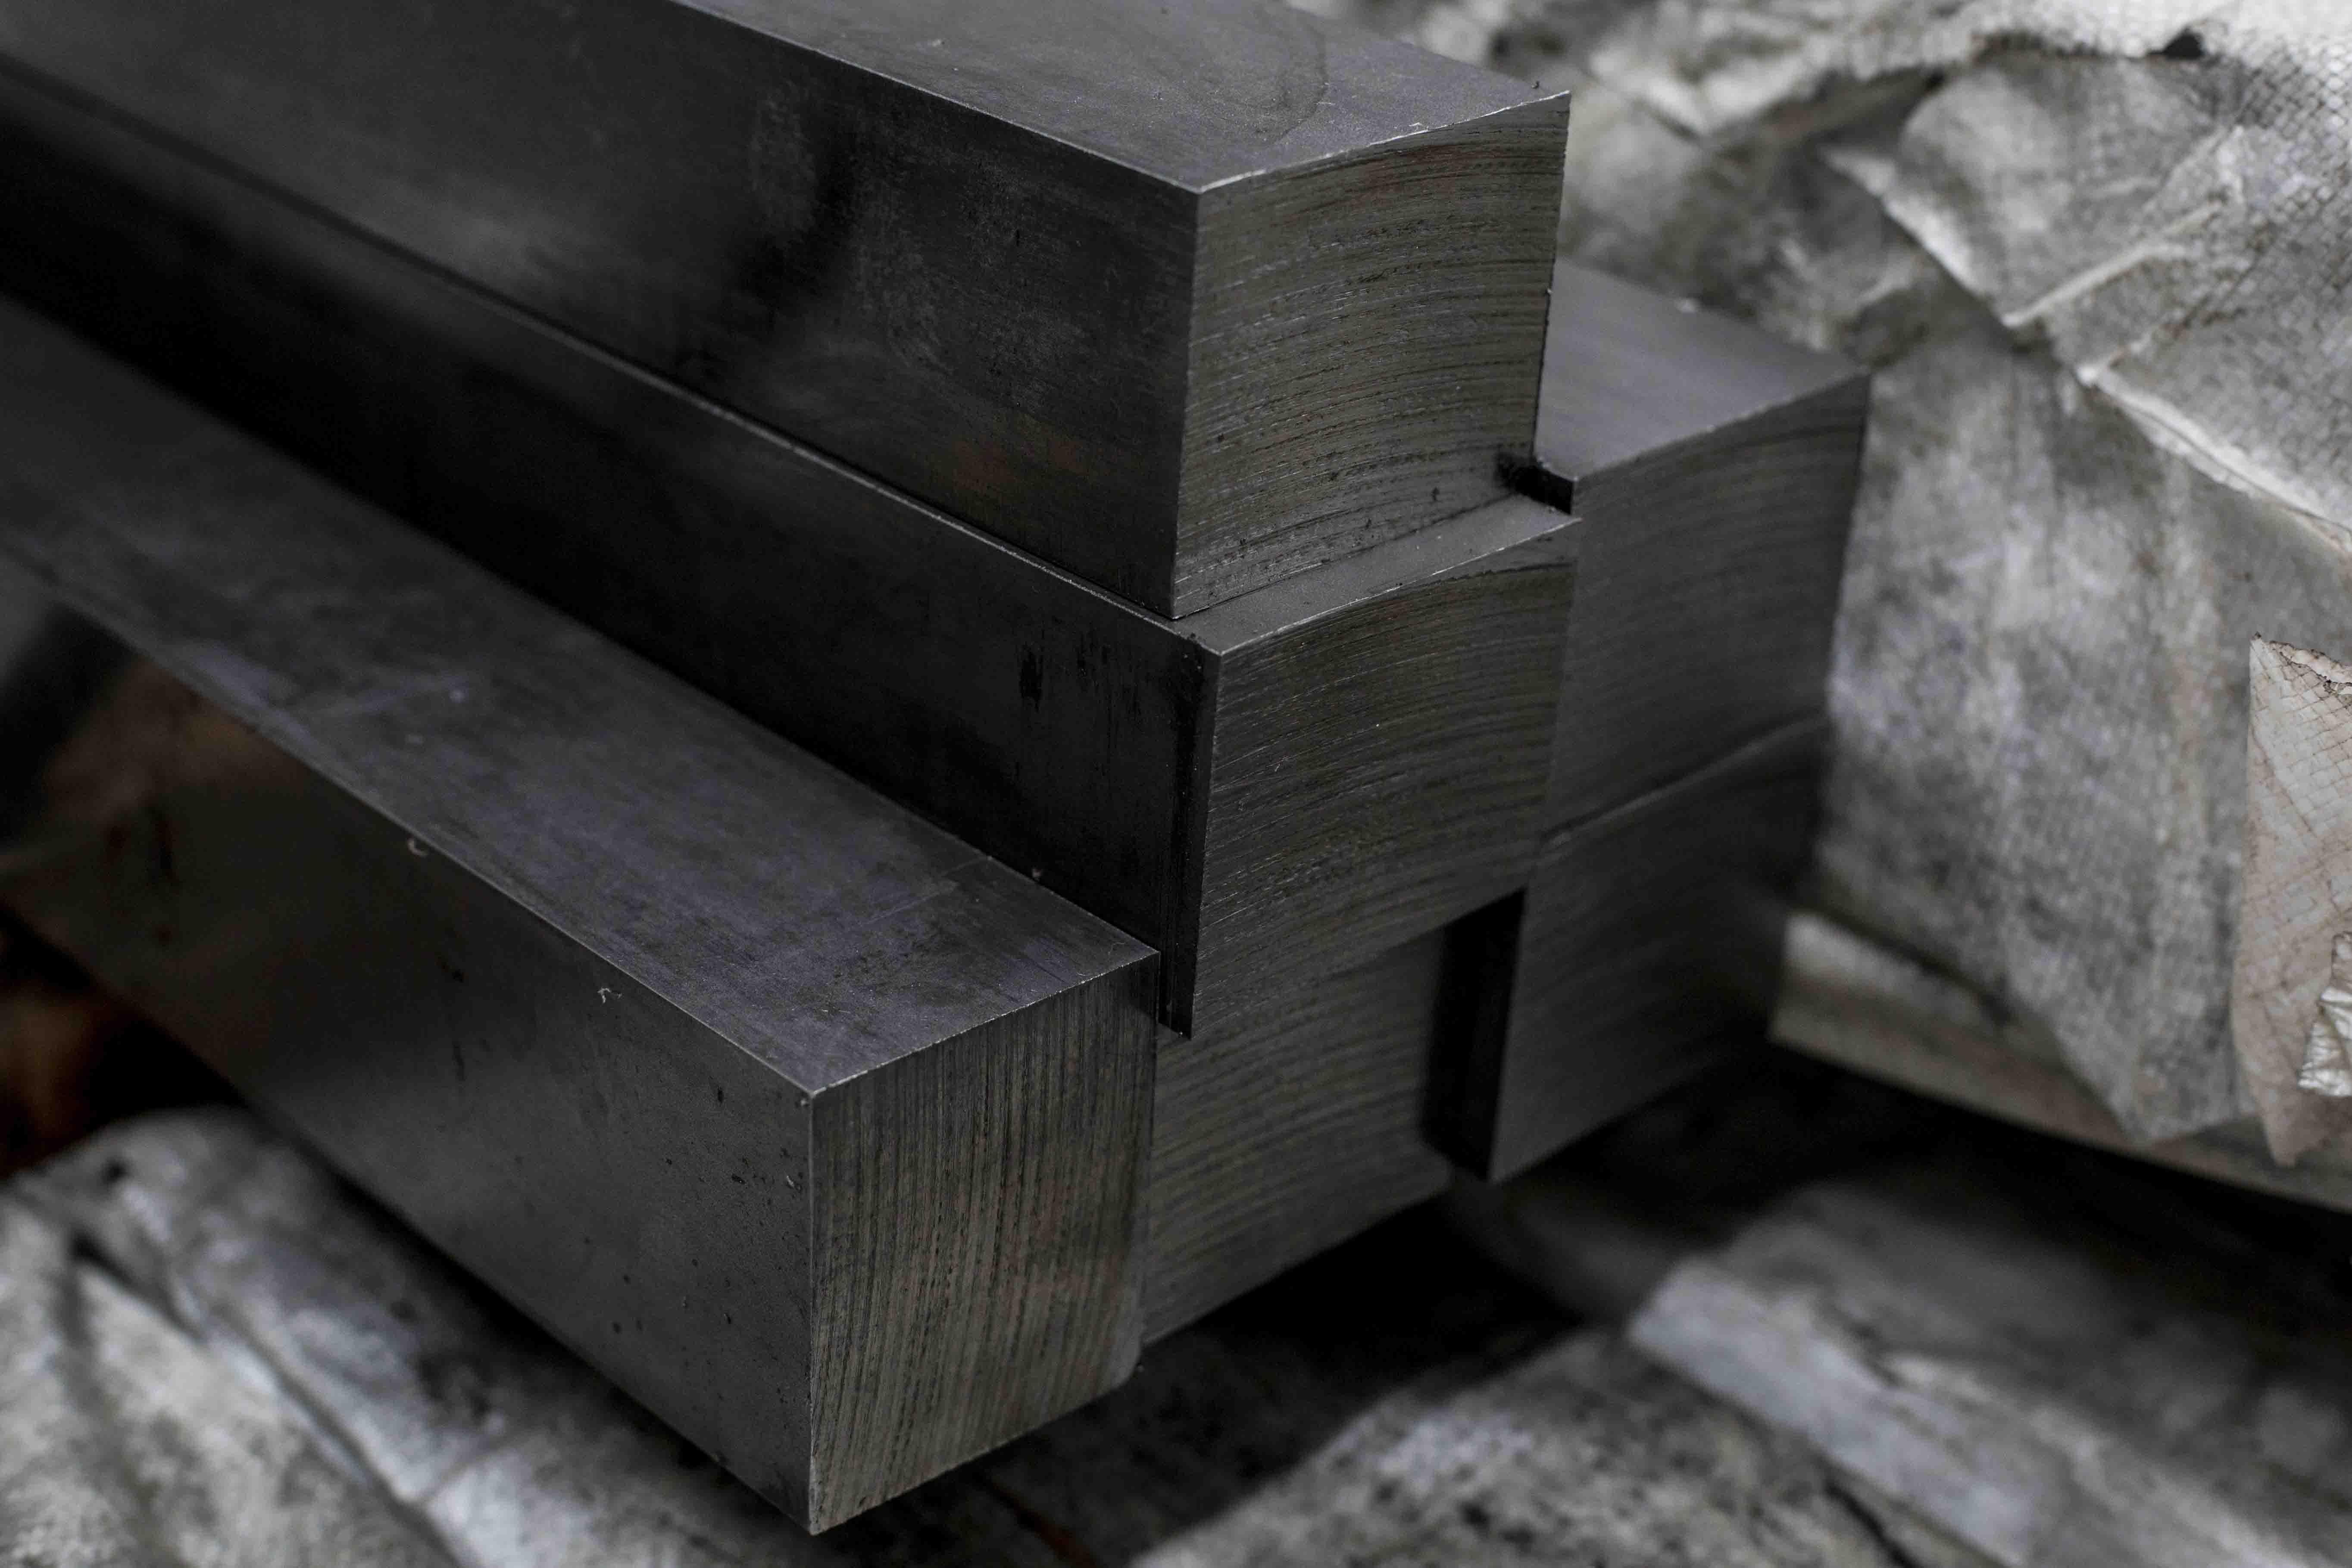 Distribuidor de acero grado herramienta, Aceros Especiales, plásticos de ingenieria, metales, nylon, acetal, venta de aceros en iirsacero mexico